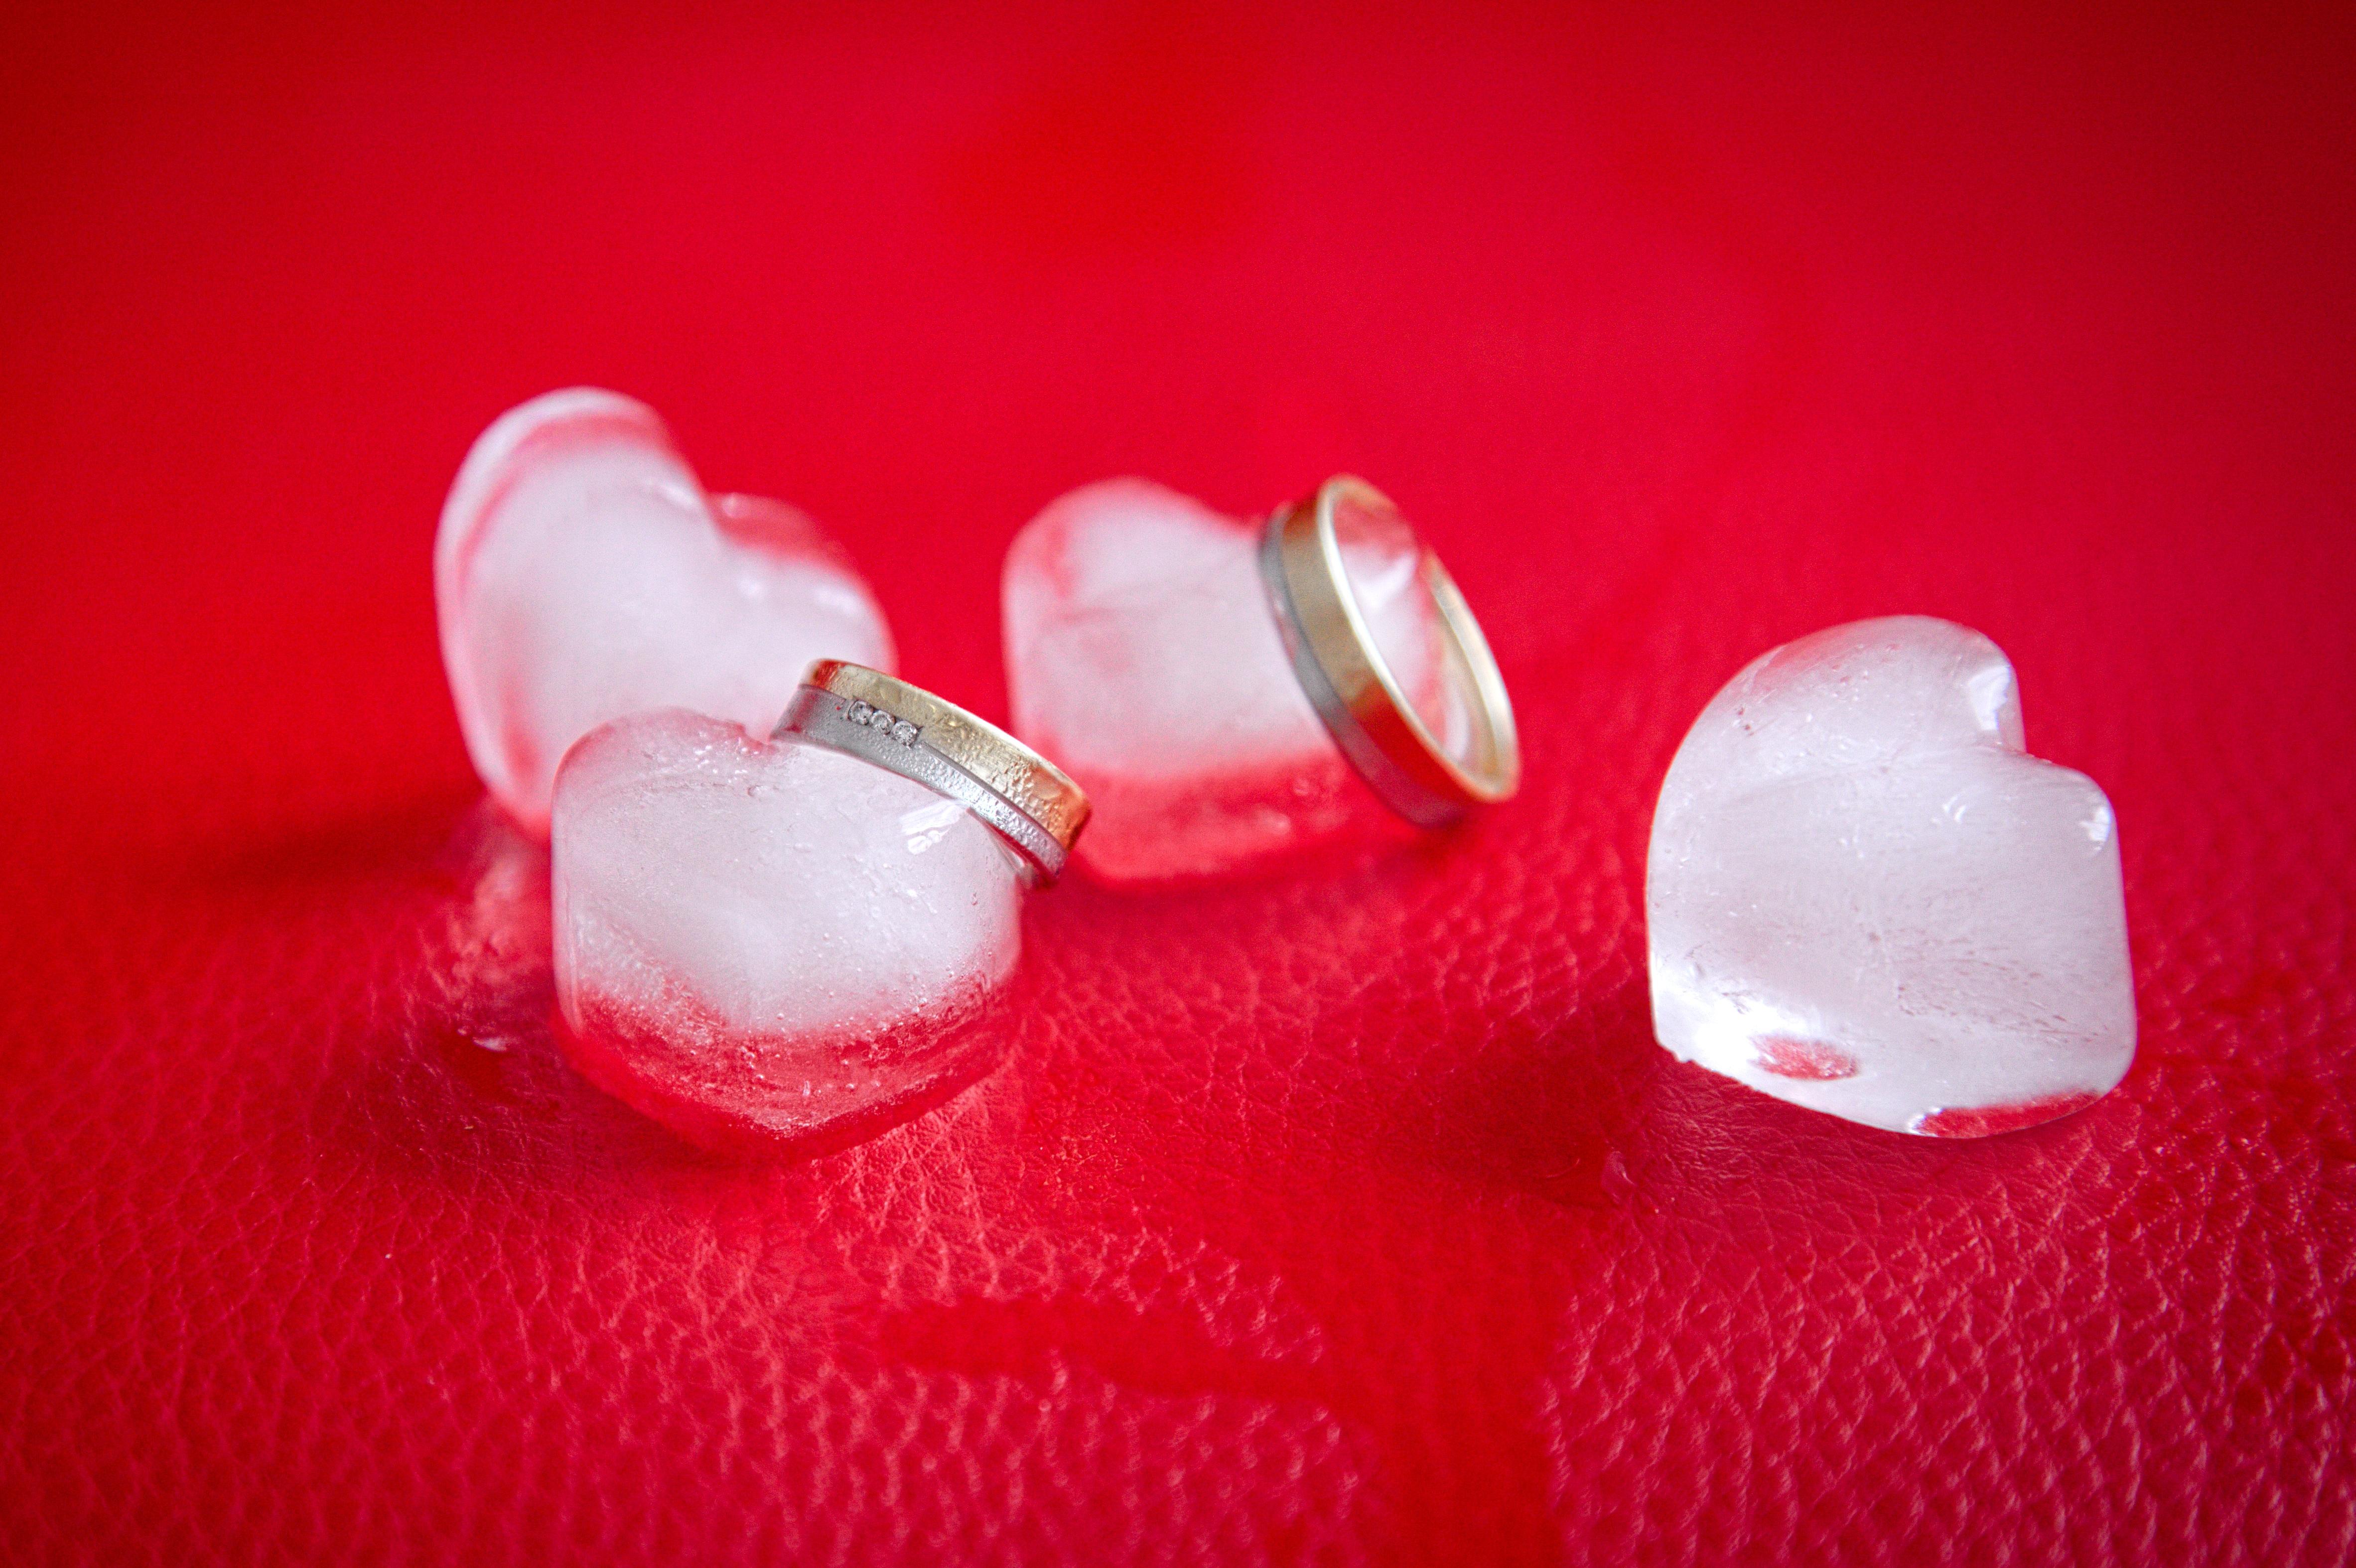 Gambar Tangan Dingin Putih Daun Bunga Es Jantung Jari Beku